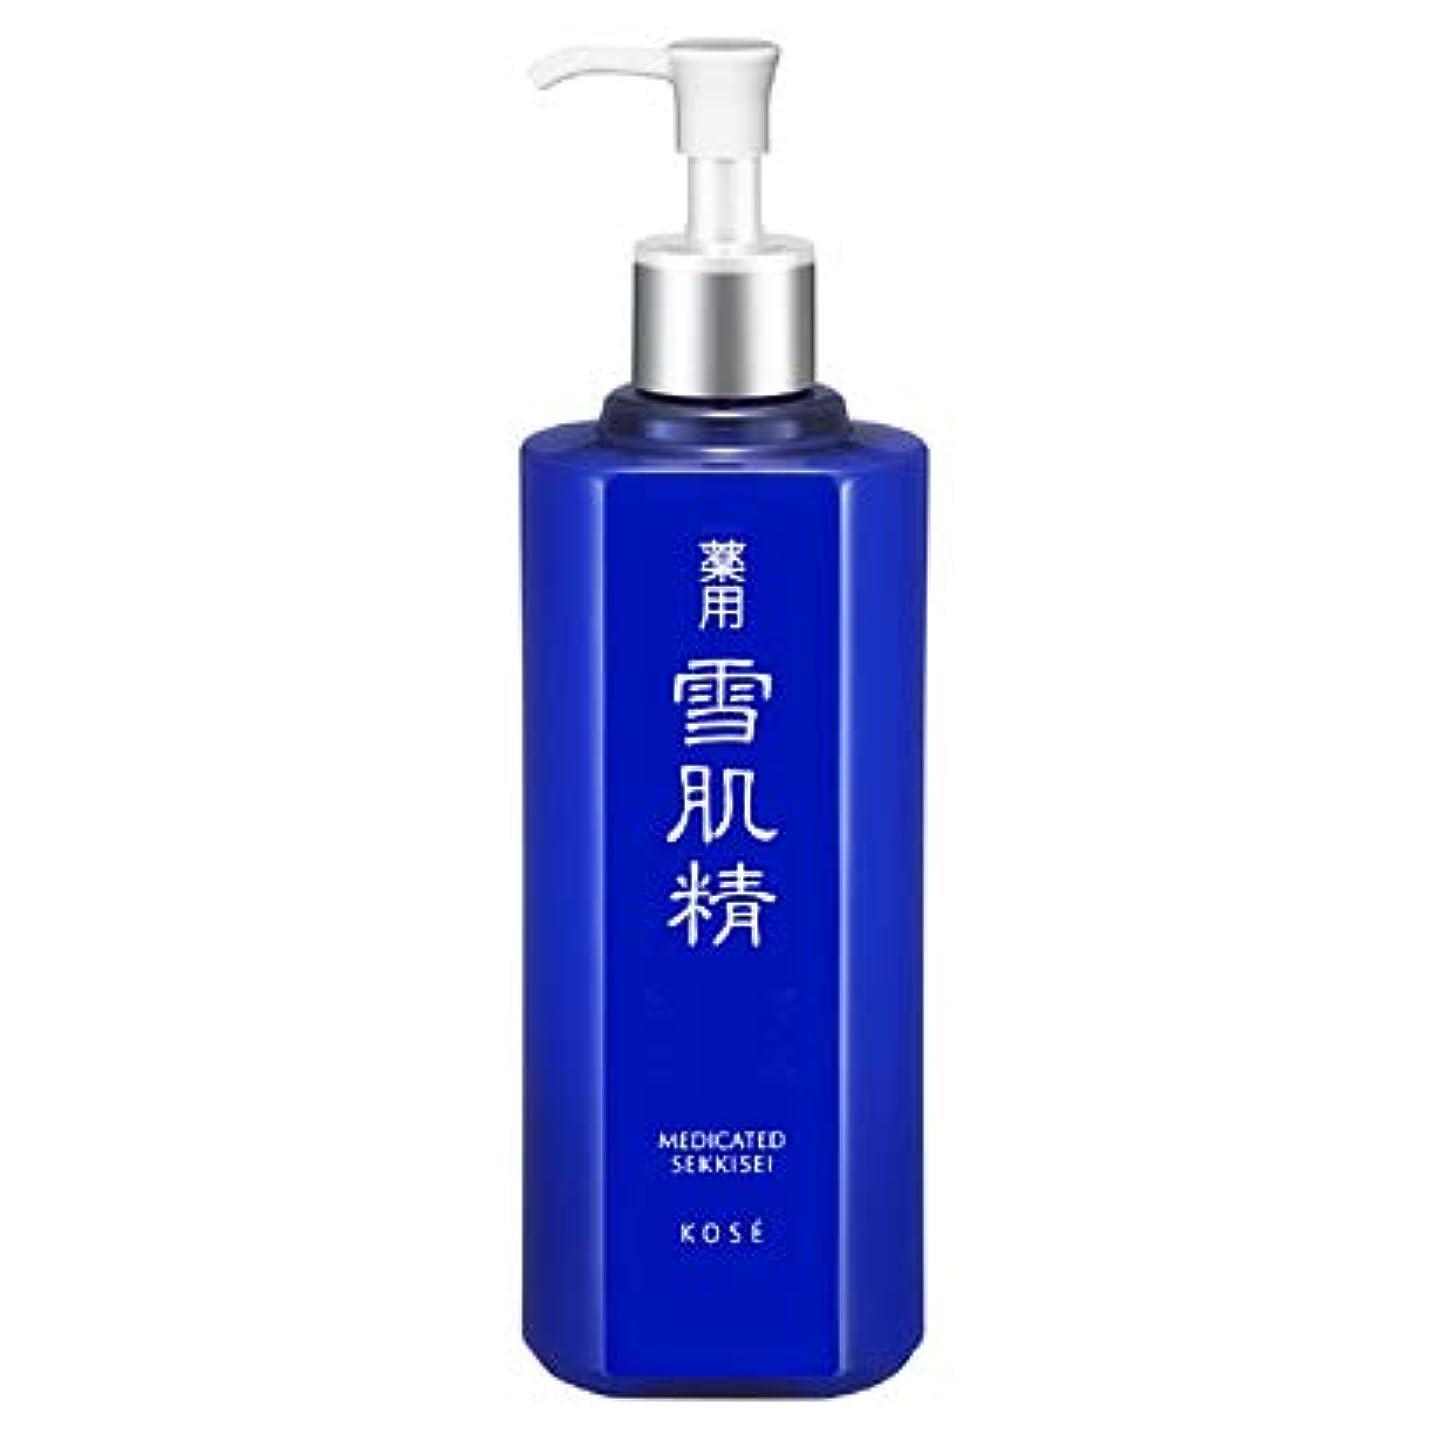 ゴミ天国魅力KOSE コーセー 薬用 雪肌精 エンリッチ 500ml ディスペンサー付ボトル 限定